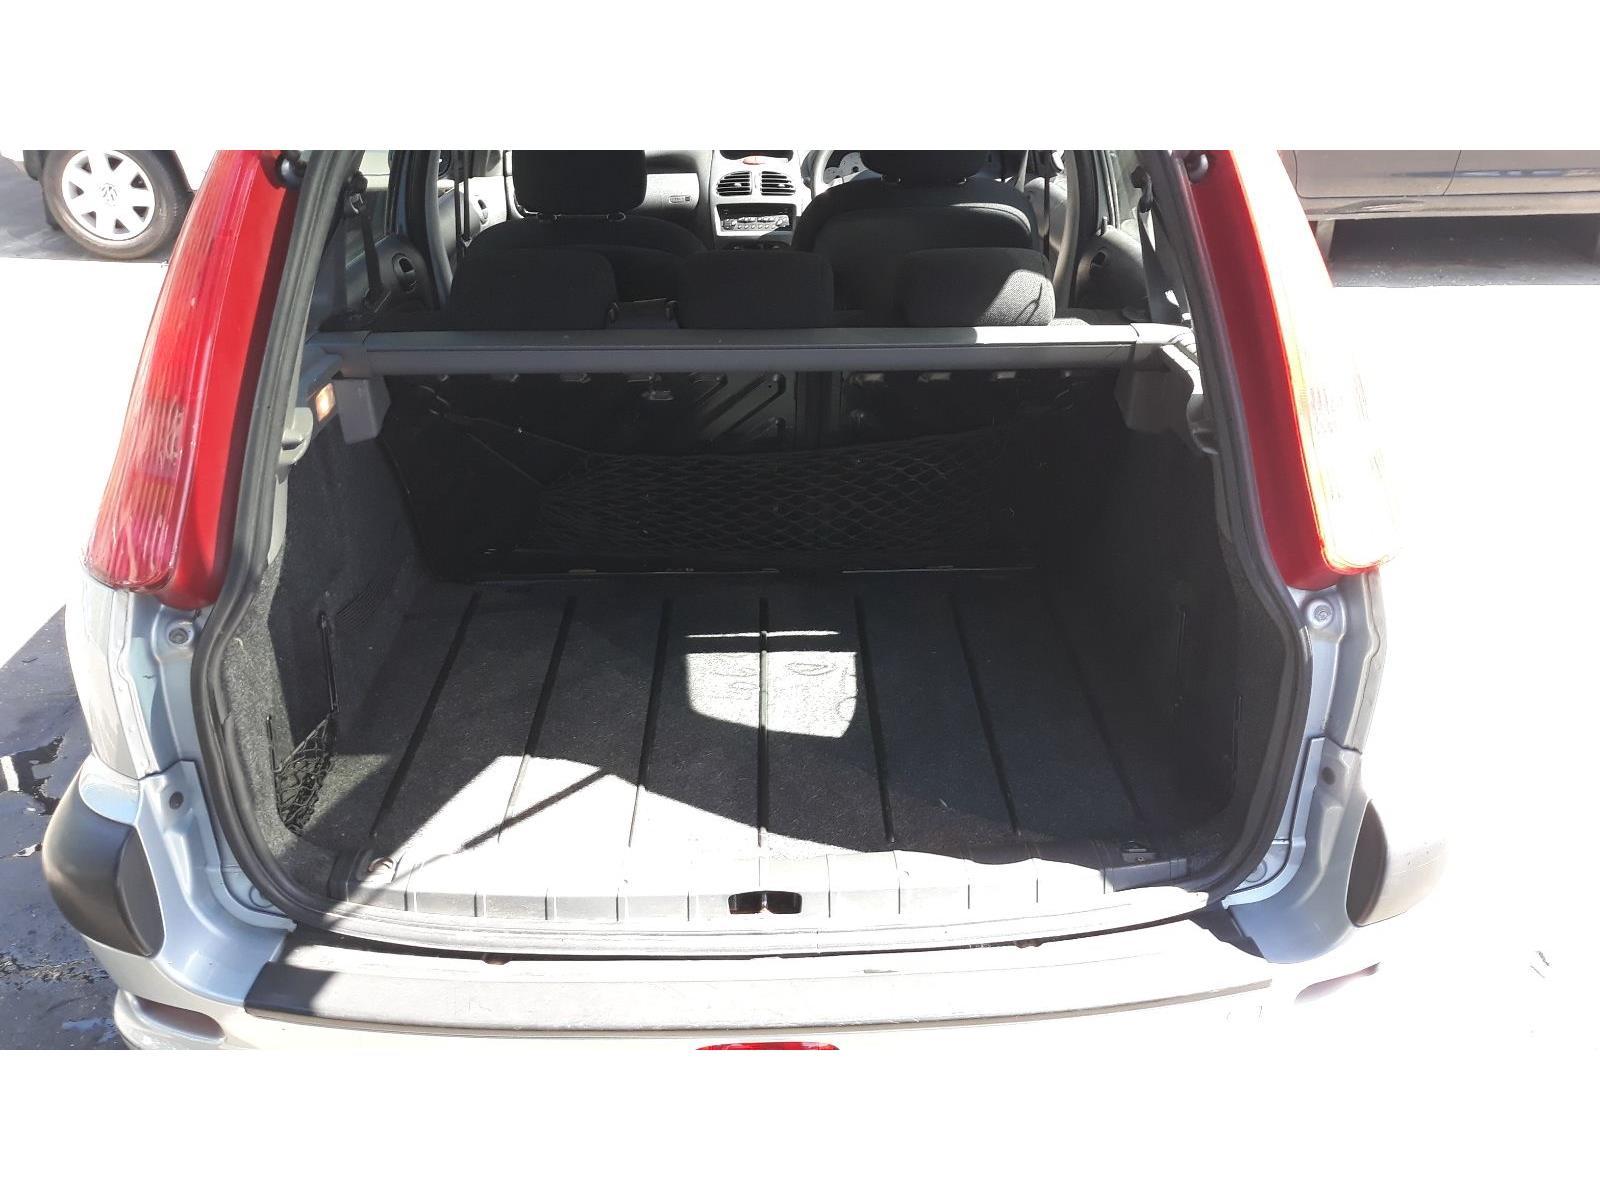 Peugeot 206 1998 To 2009 Sw S 5 Door Estate Scrap Salvage Car 106 Zest Fuse Box Year